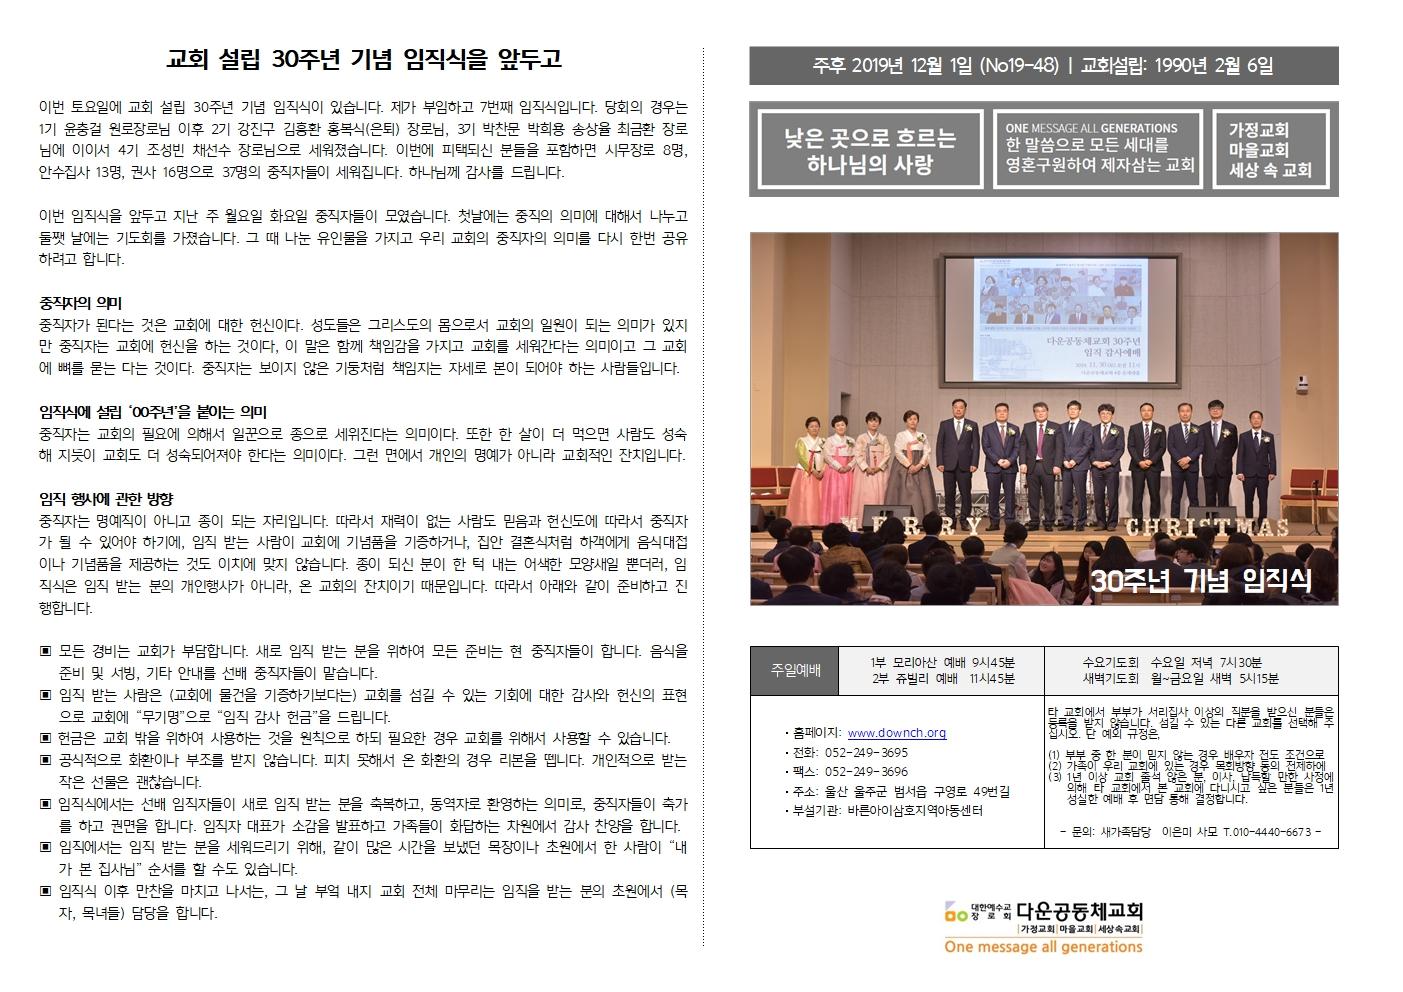 001_구영리교회주보_2019_11-12월009.jpg